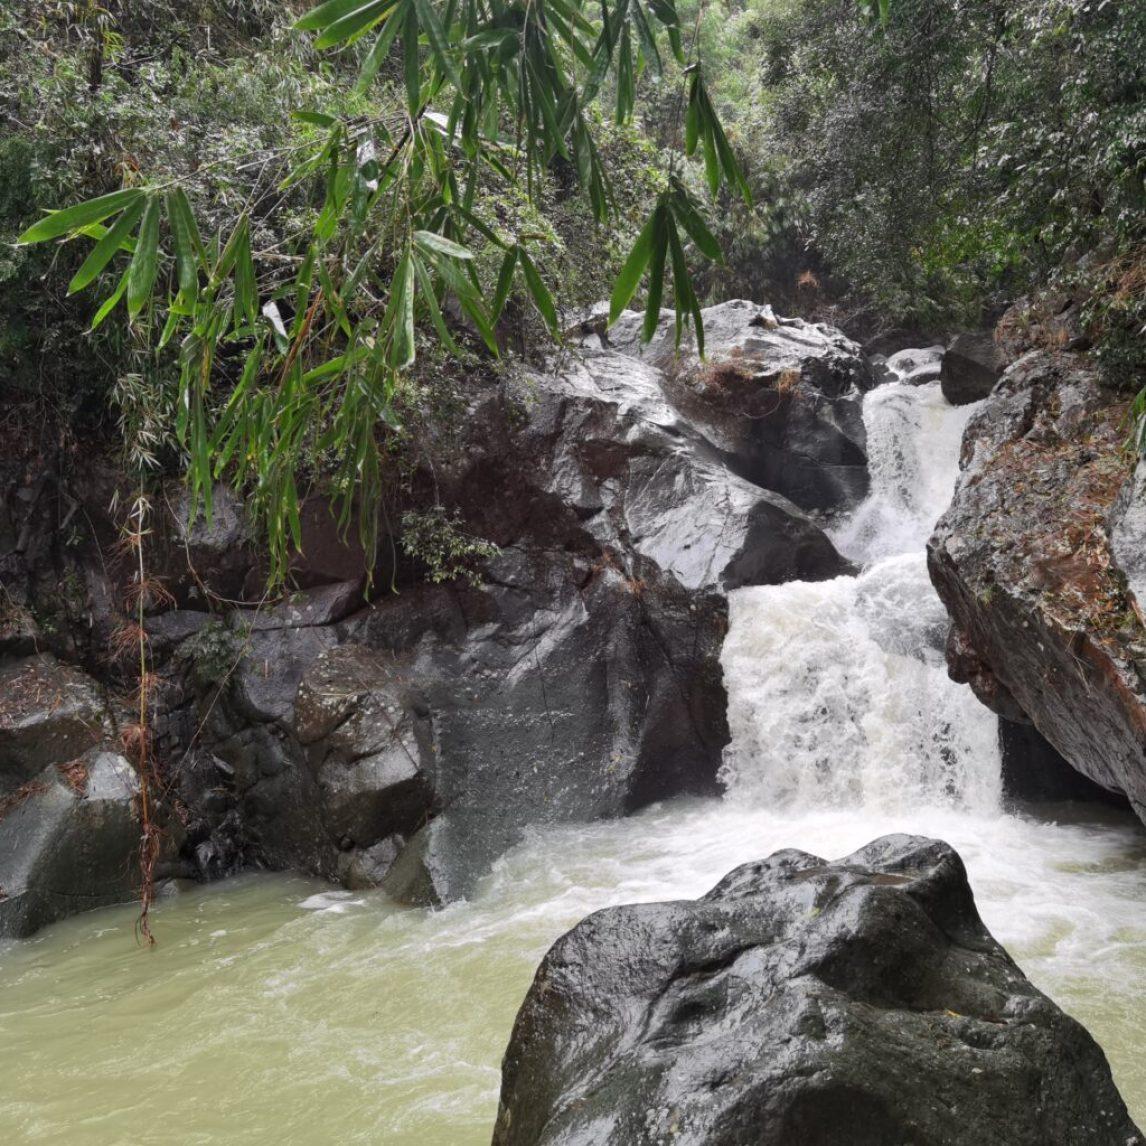 Eighth Falls